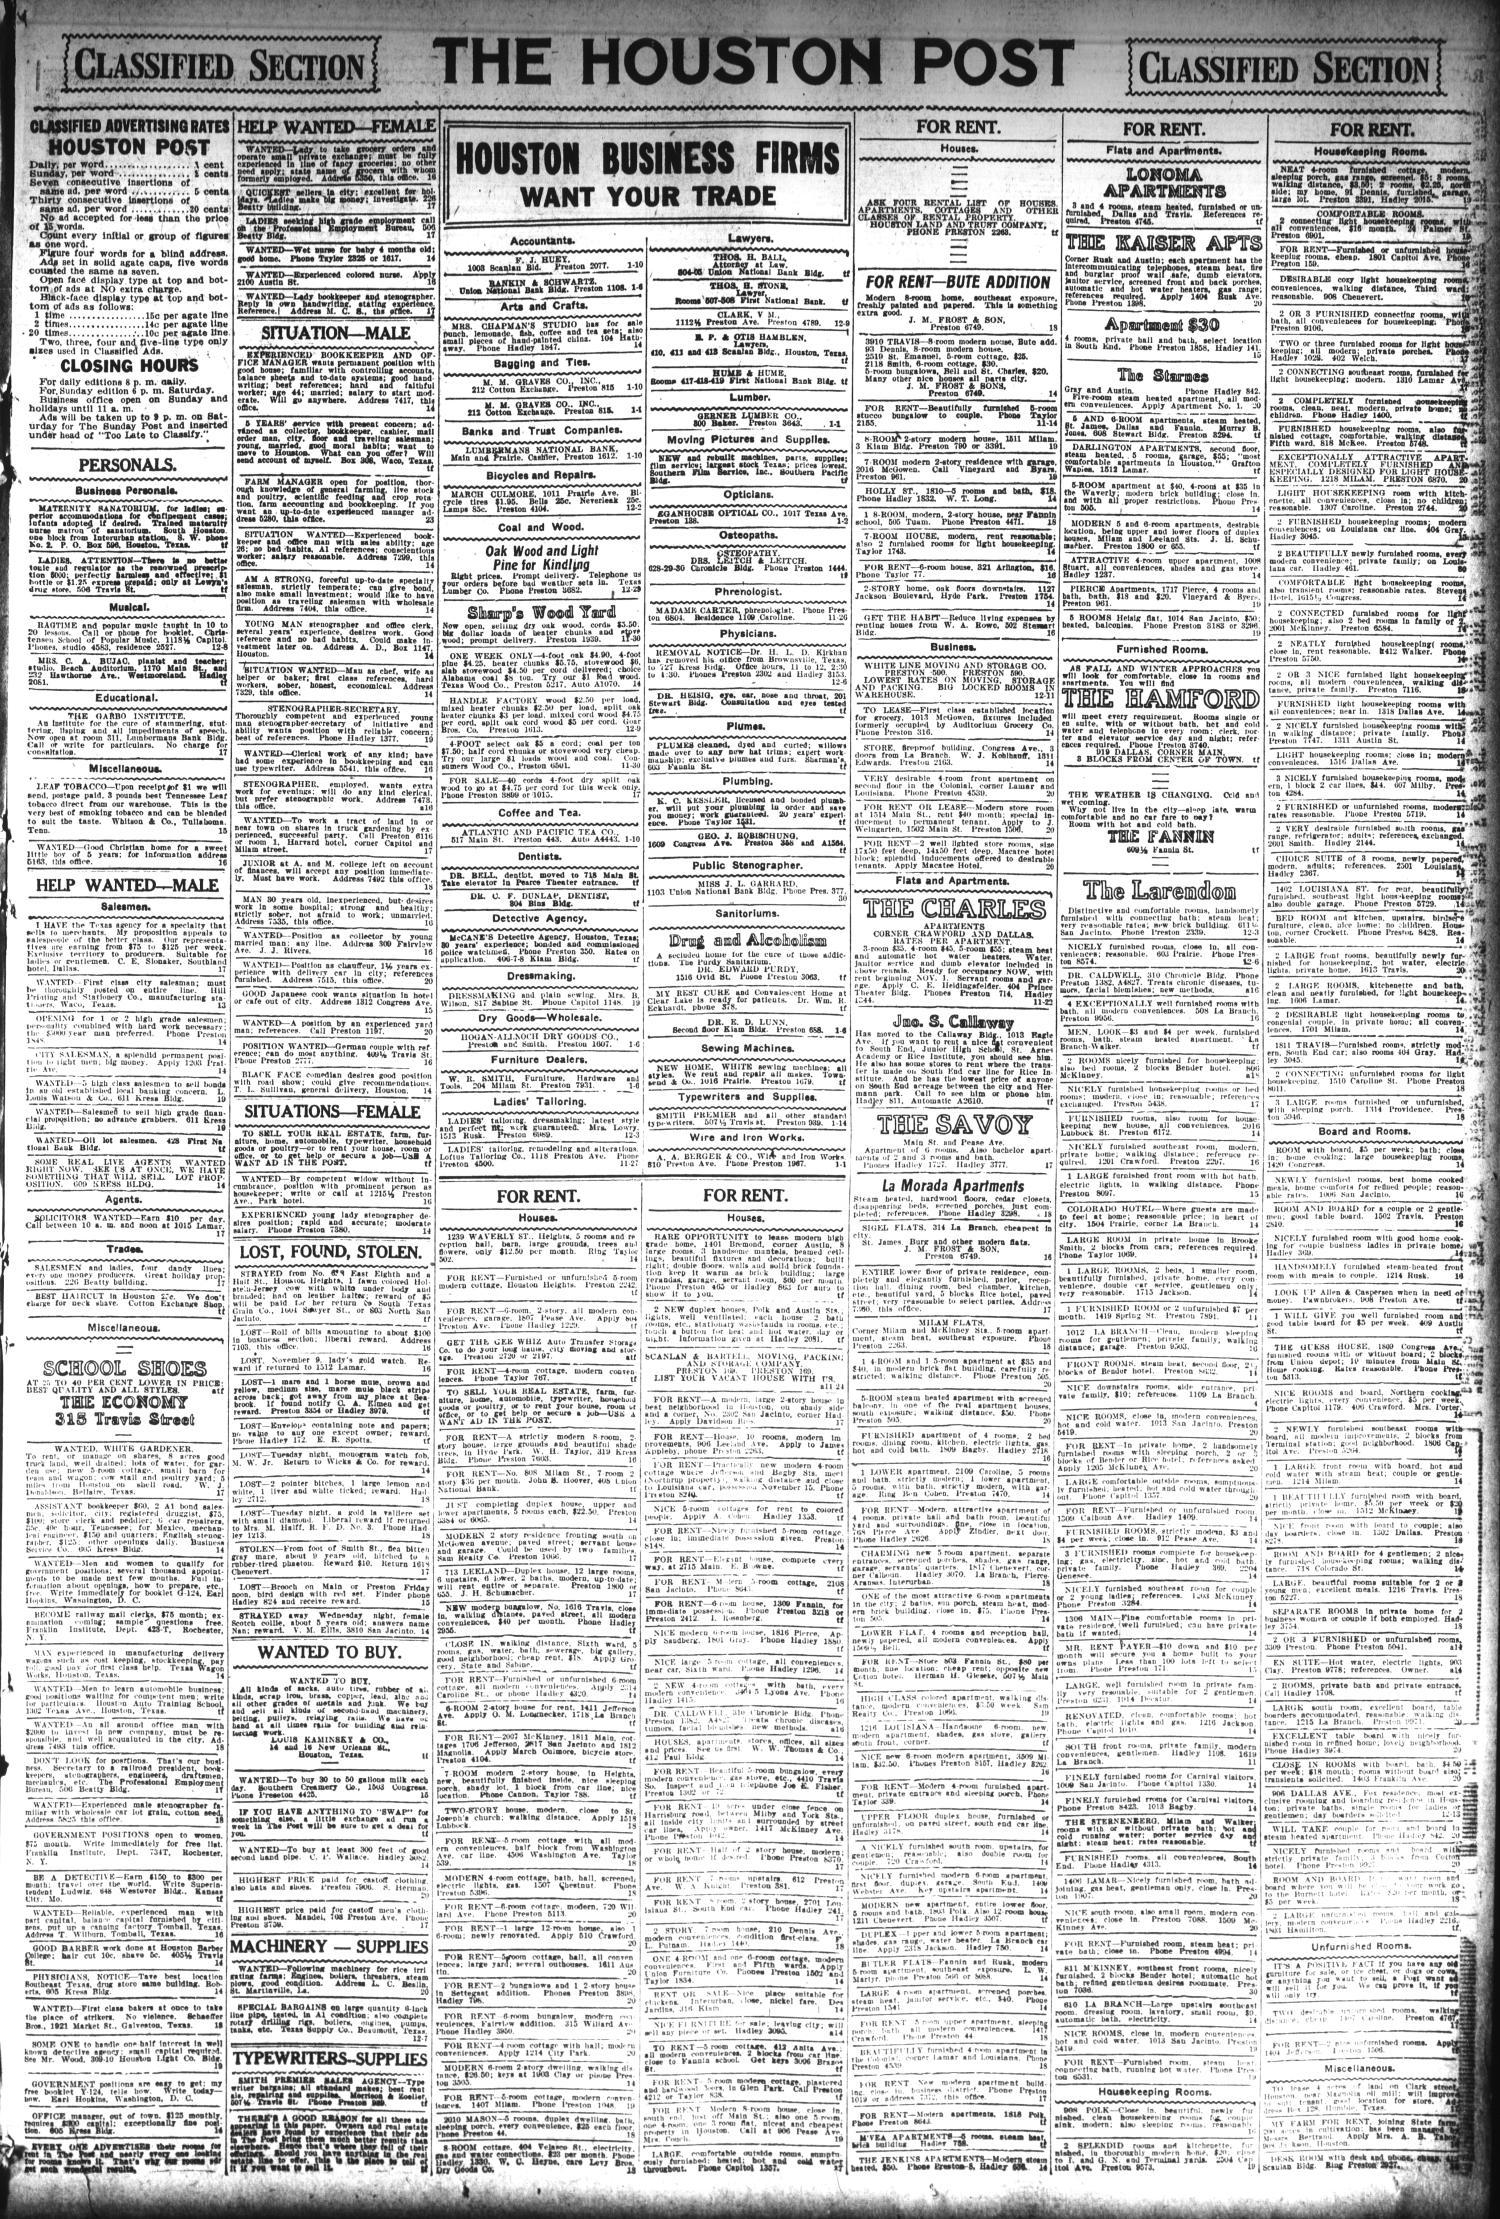 The Houston Post  (Houston, Tex ), Vol  29, No  225, Ed  1